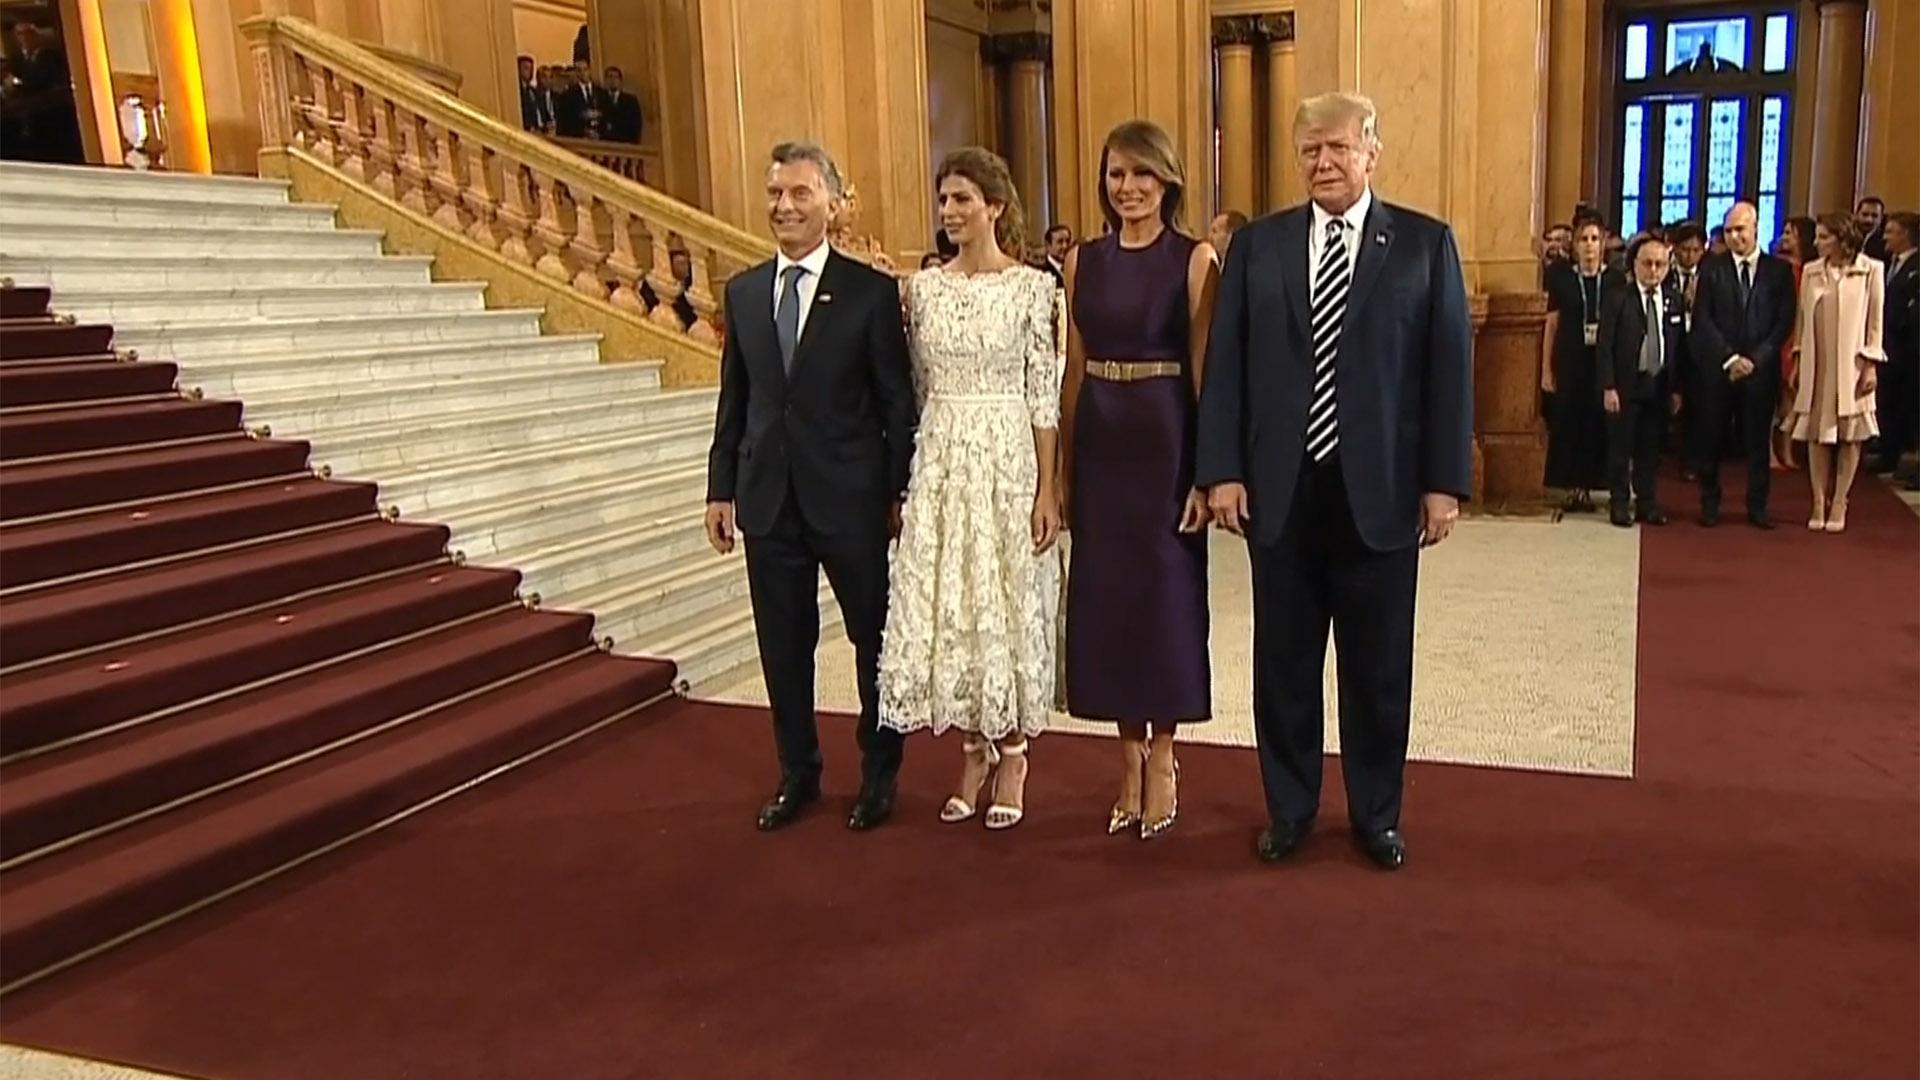 Macri, Awada, Melania Trump y Donald Trump